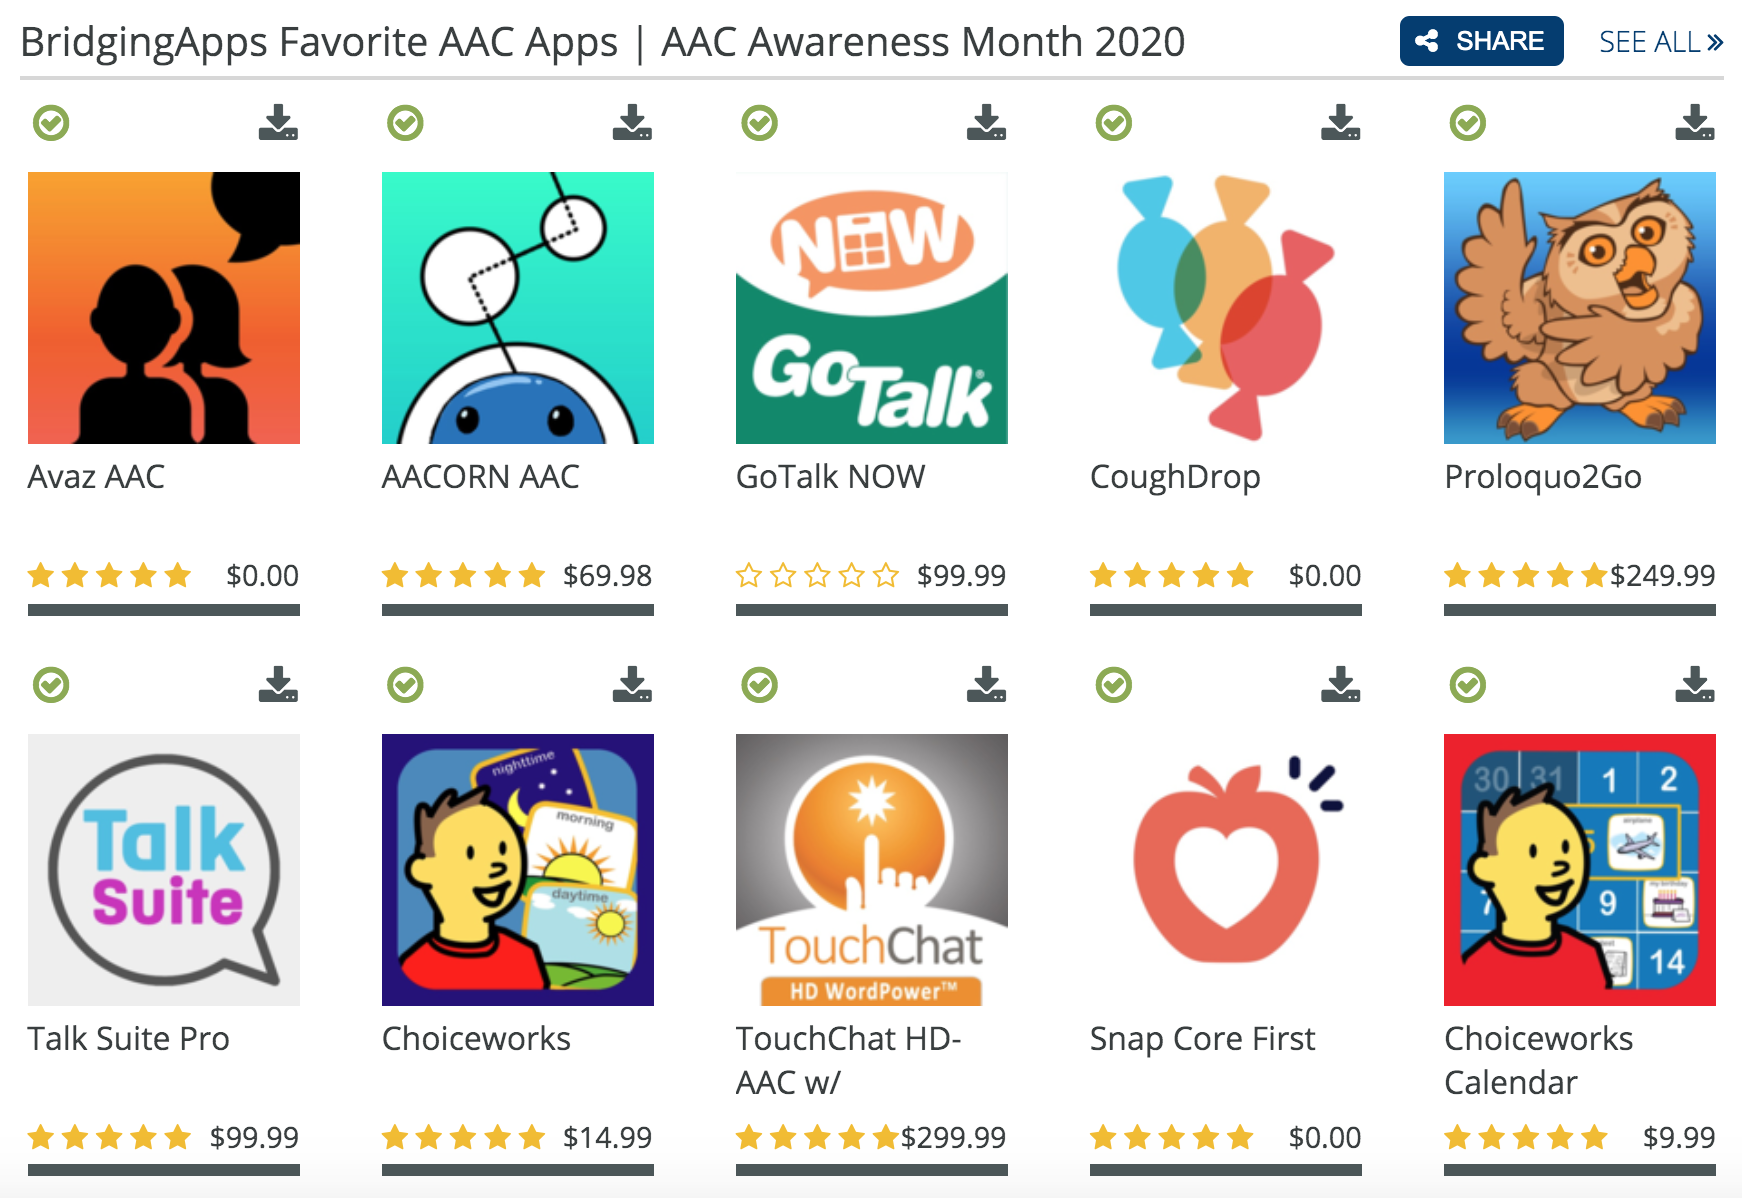 Favorite AAC App